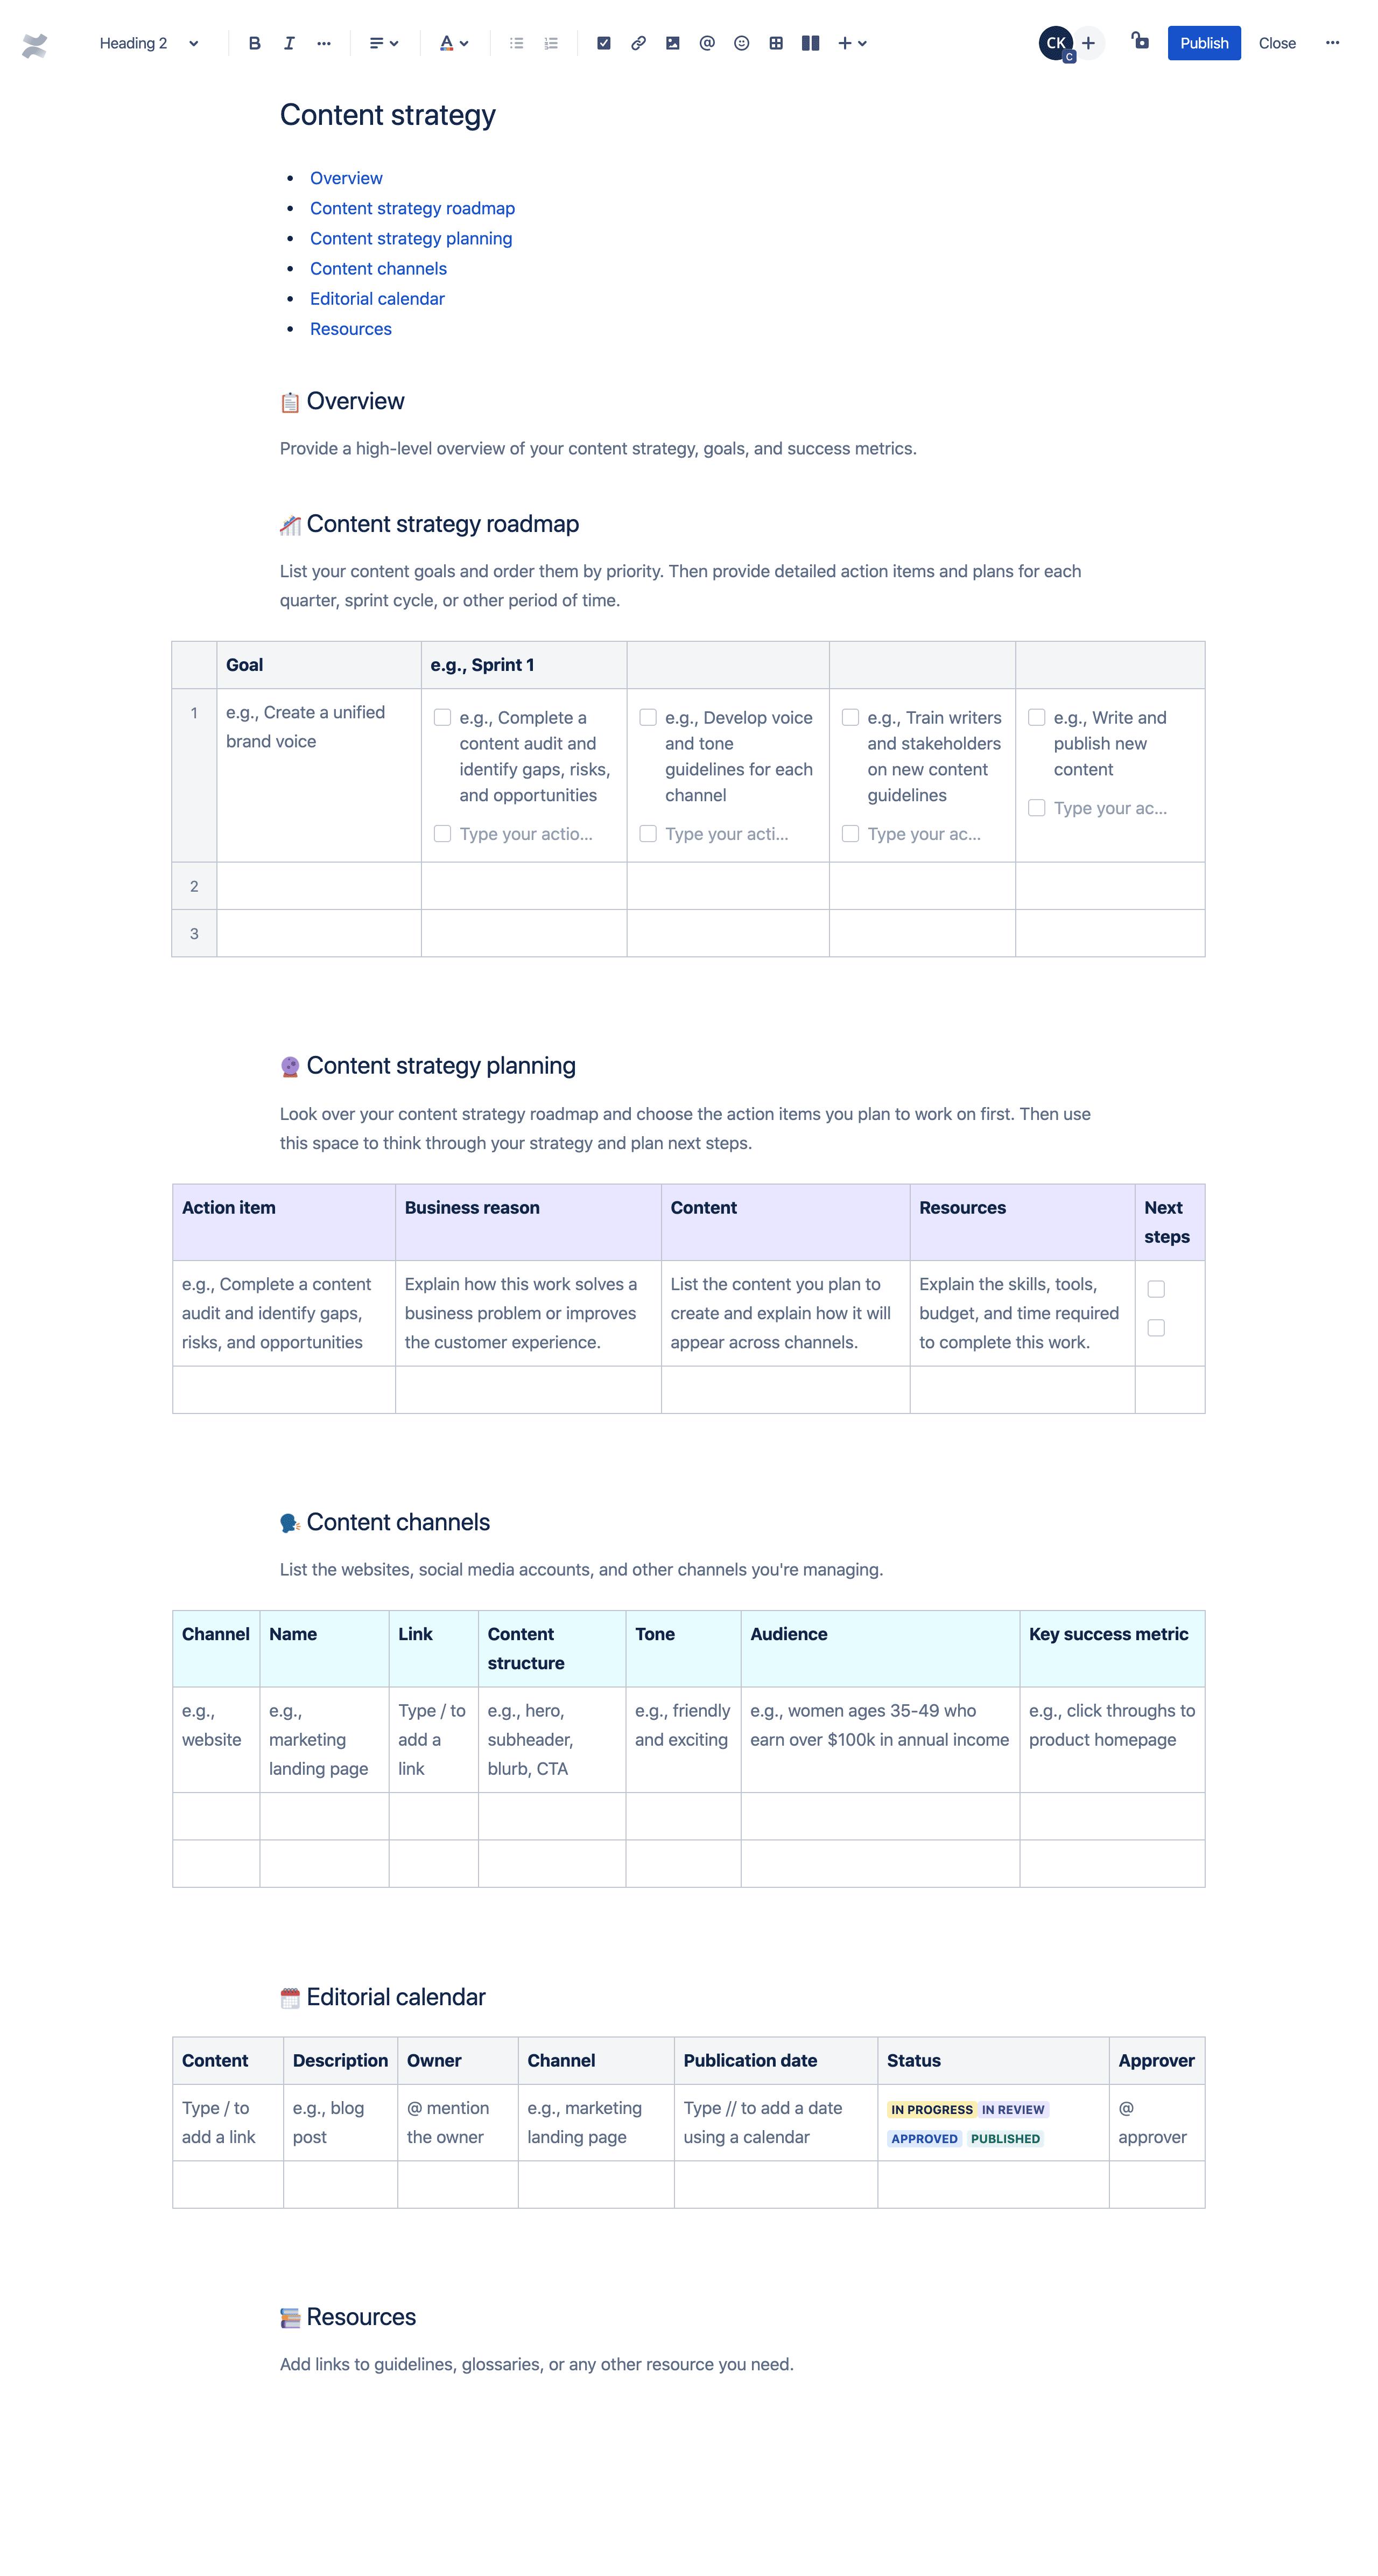 Vorlage für Inhaltsstrategien